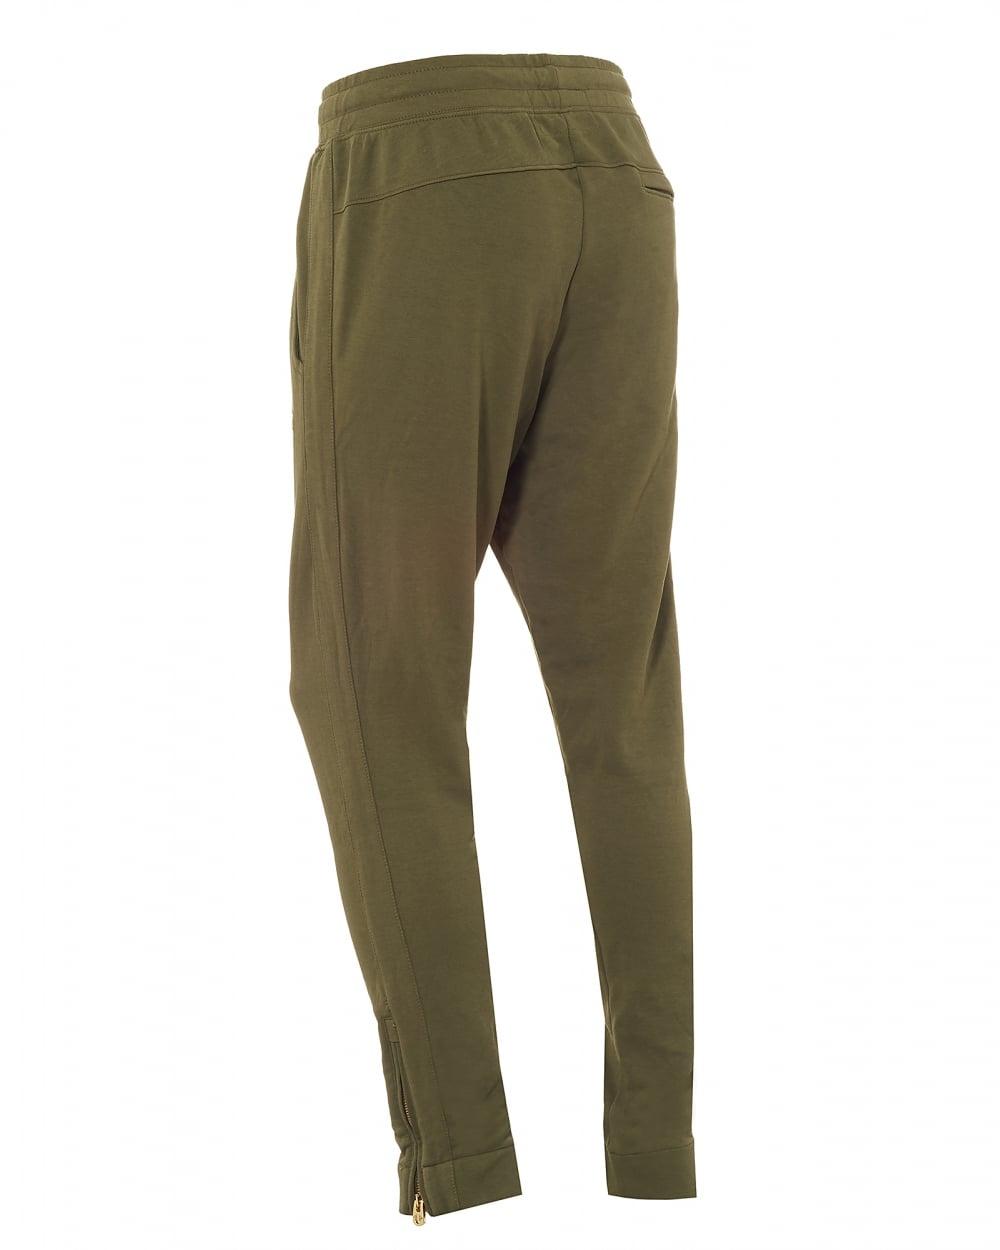 ca42176c34b557 Mens Khaki Green Trackpants, Cuffed Gold Horseshoe Logo Sweatpants